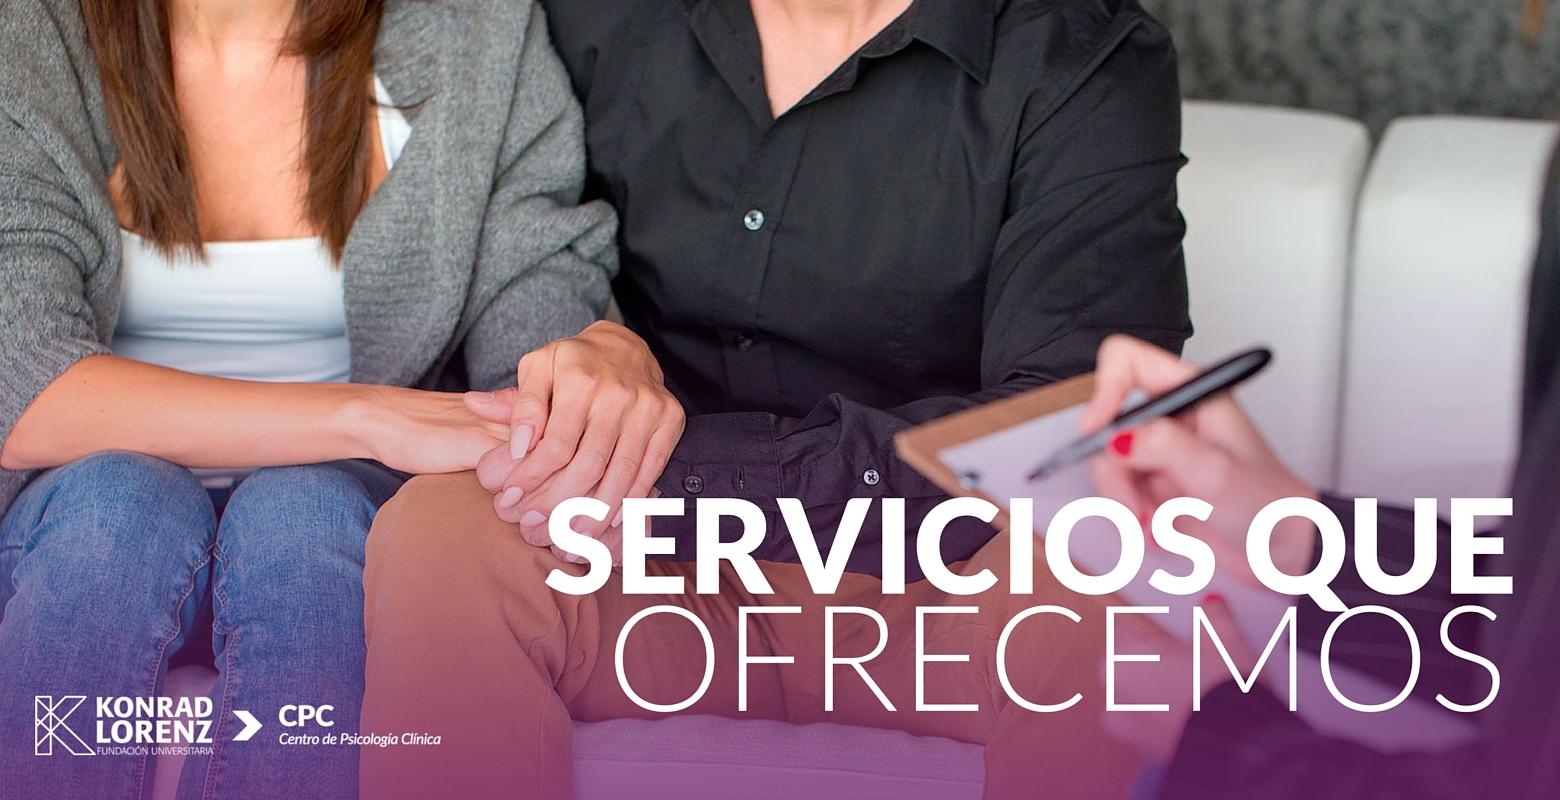 Servicios del CPC